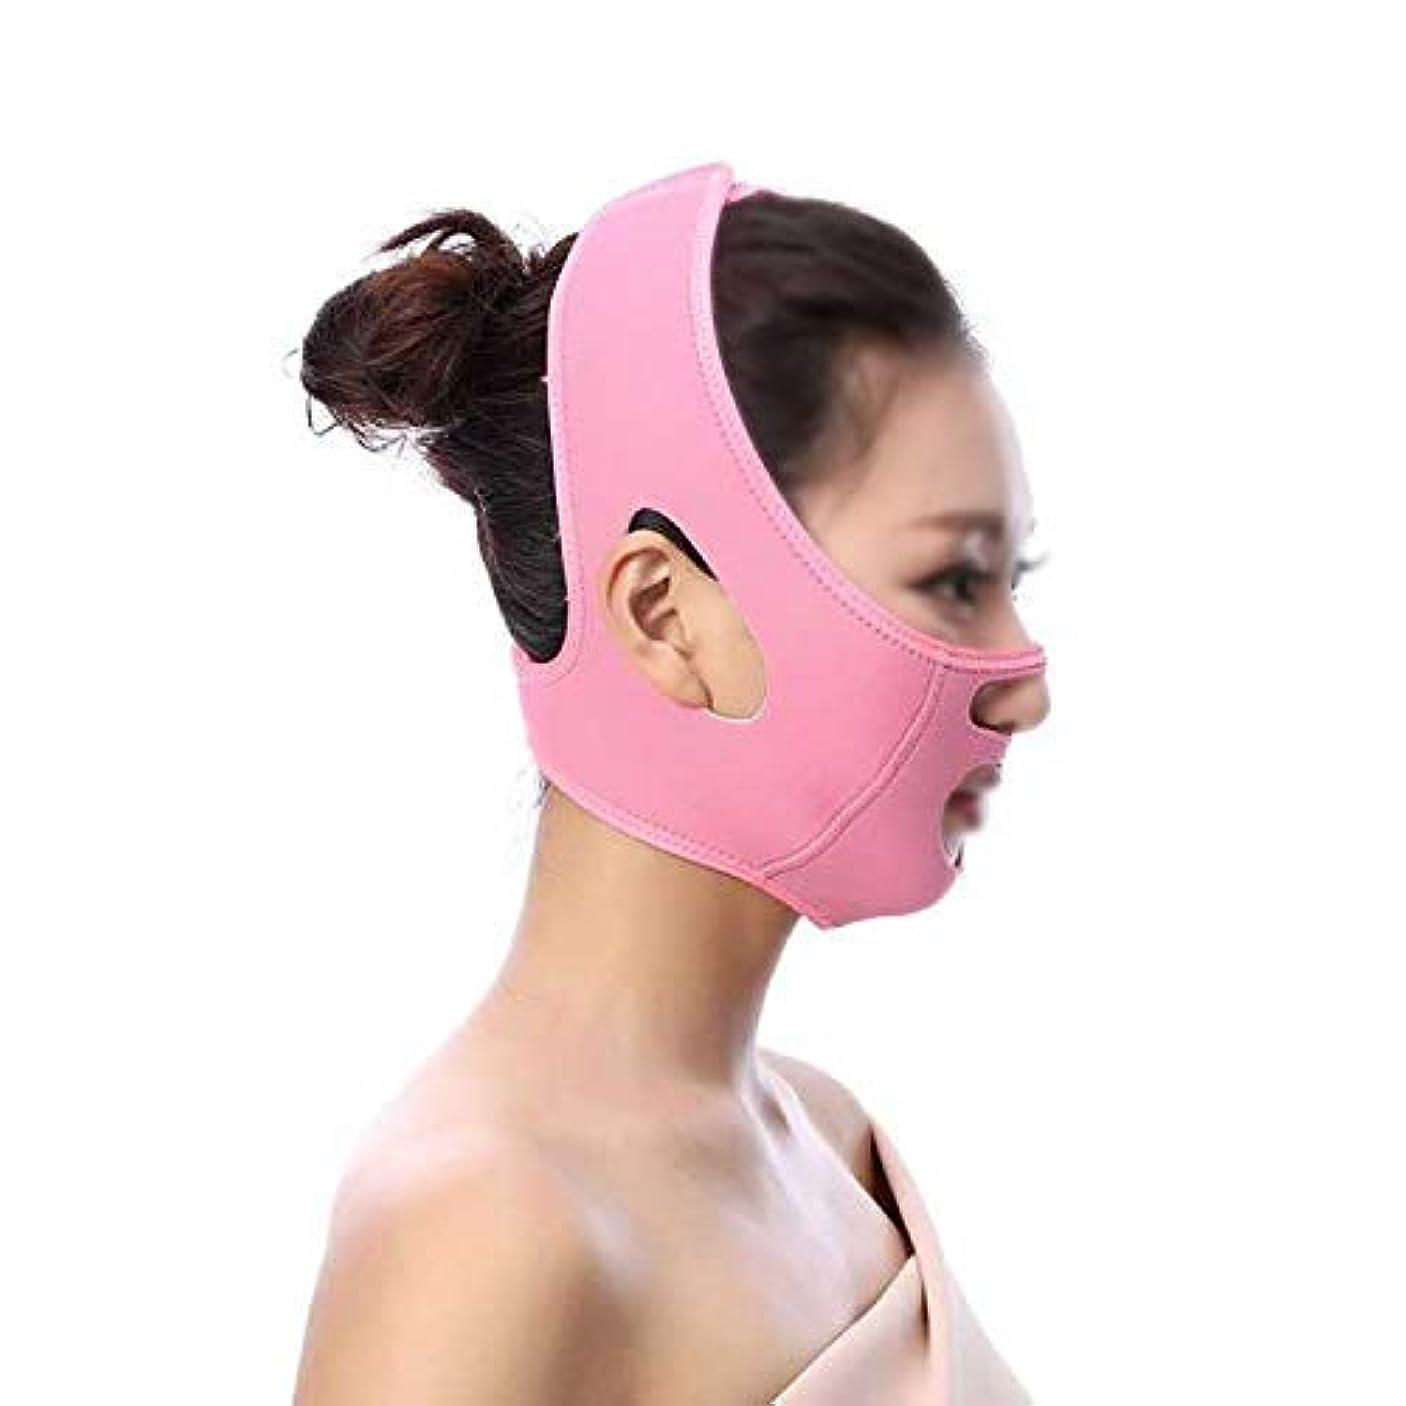 圧縮された分離するロードブロッキング痩身ベルト、フェイスマスクvフェイスアーティファクトにあごを持ち上げるフェイスマスク睡眠薄いVフェイス包帯薄いフェイスステッカー